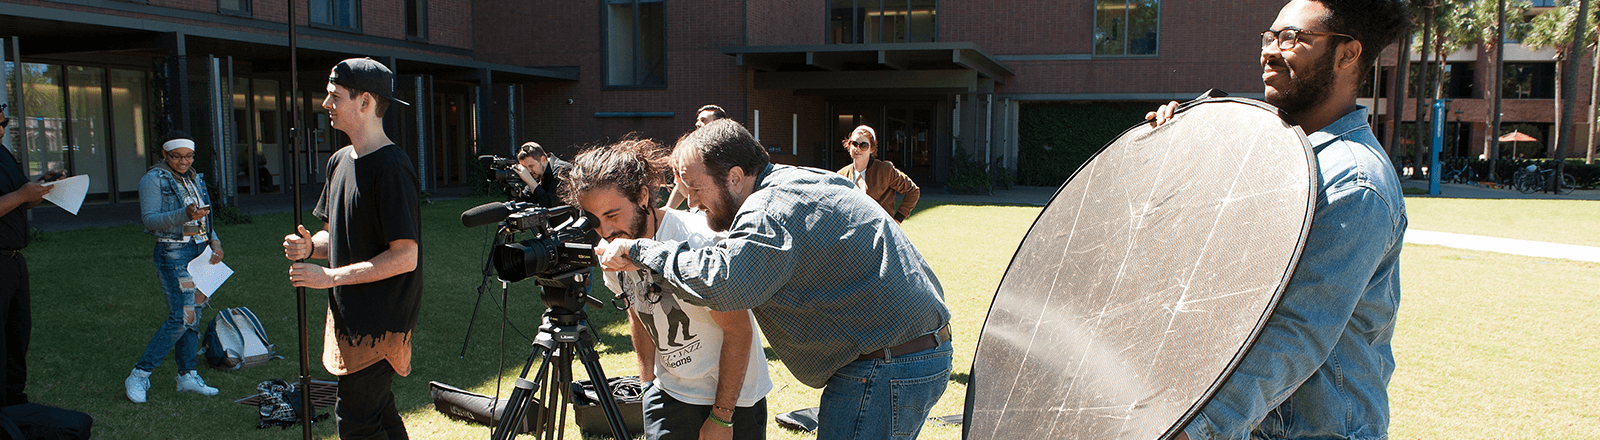 Students Filming Setup